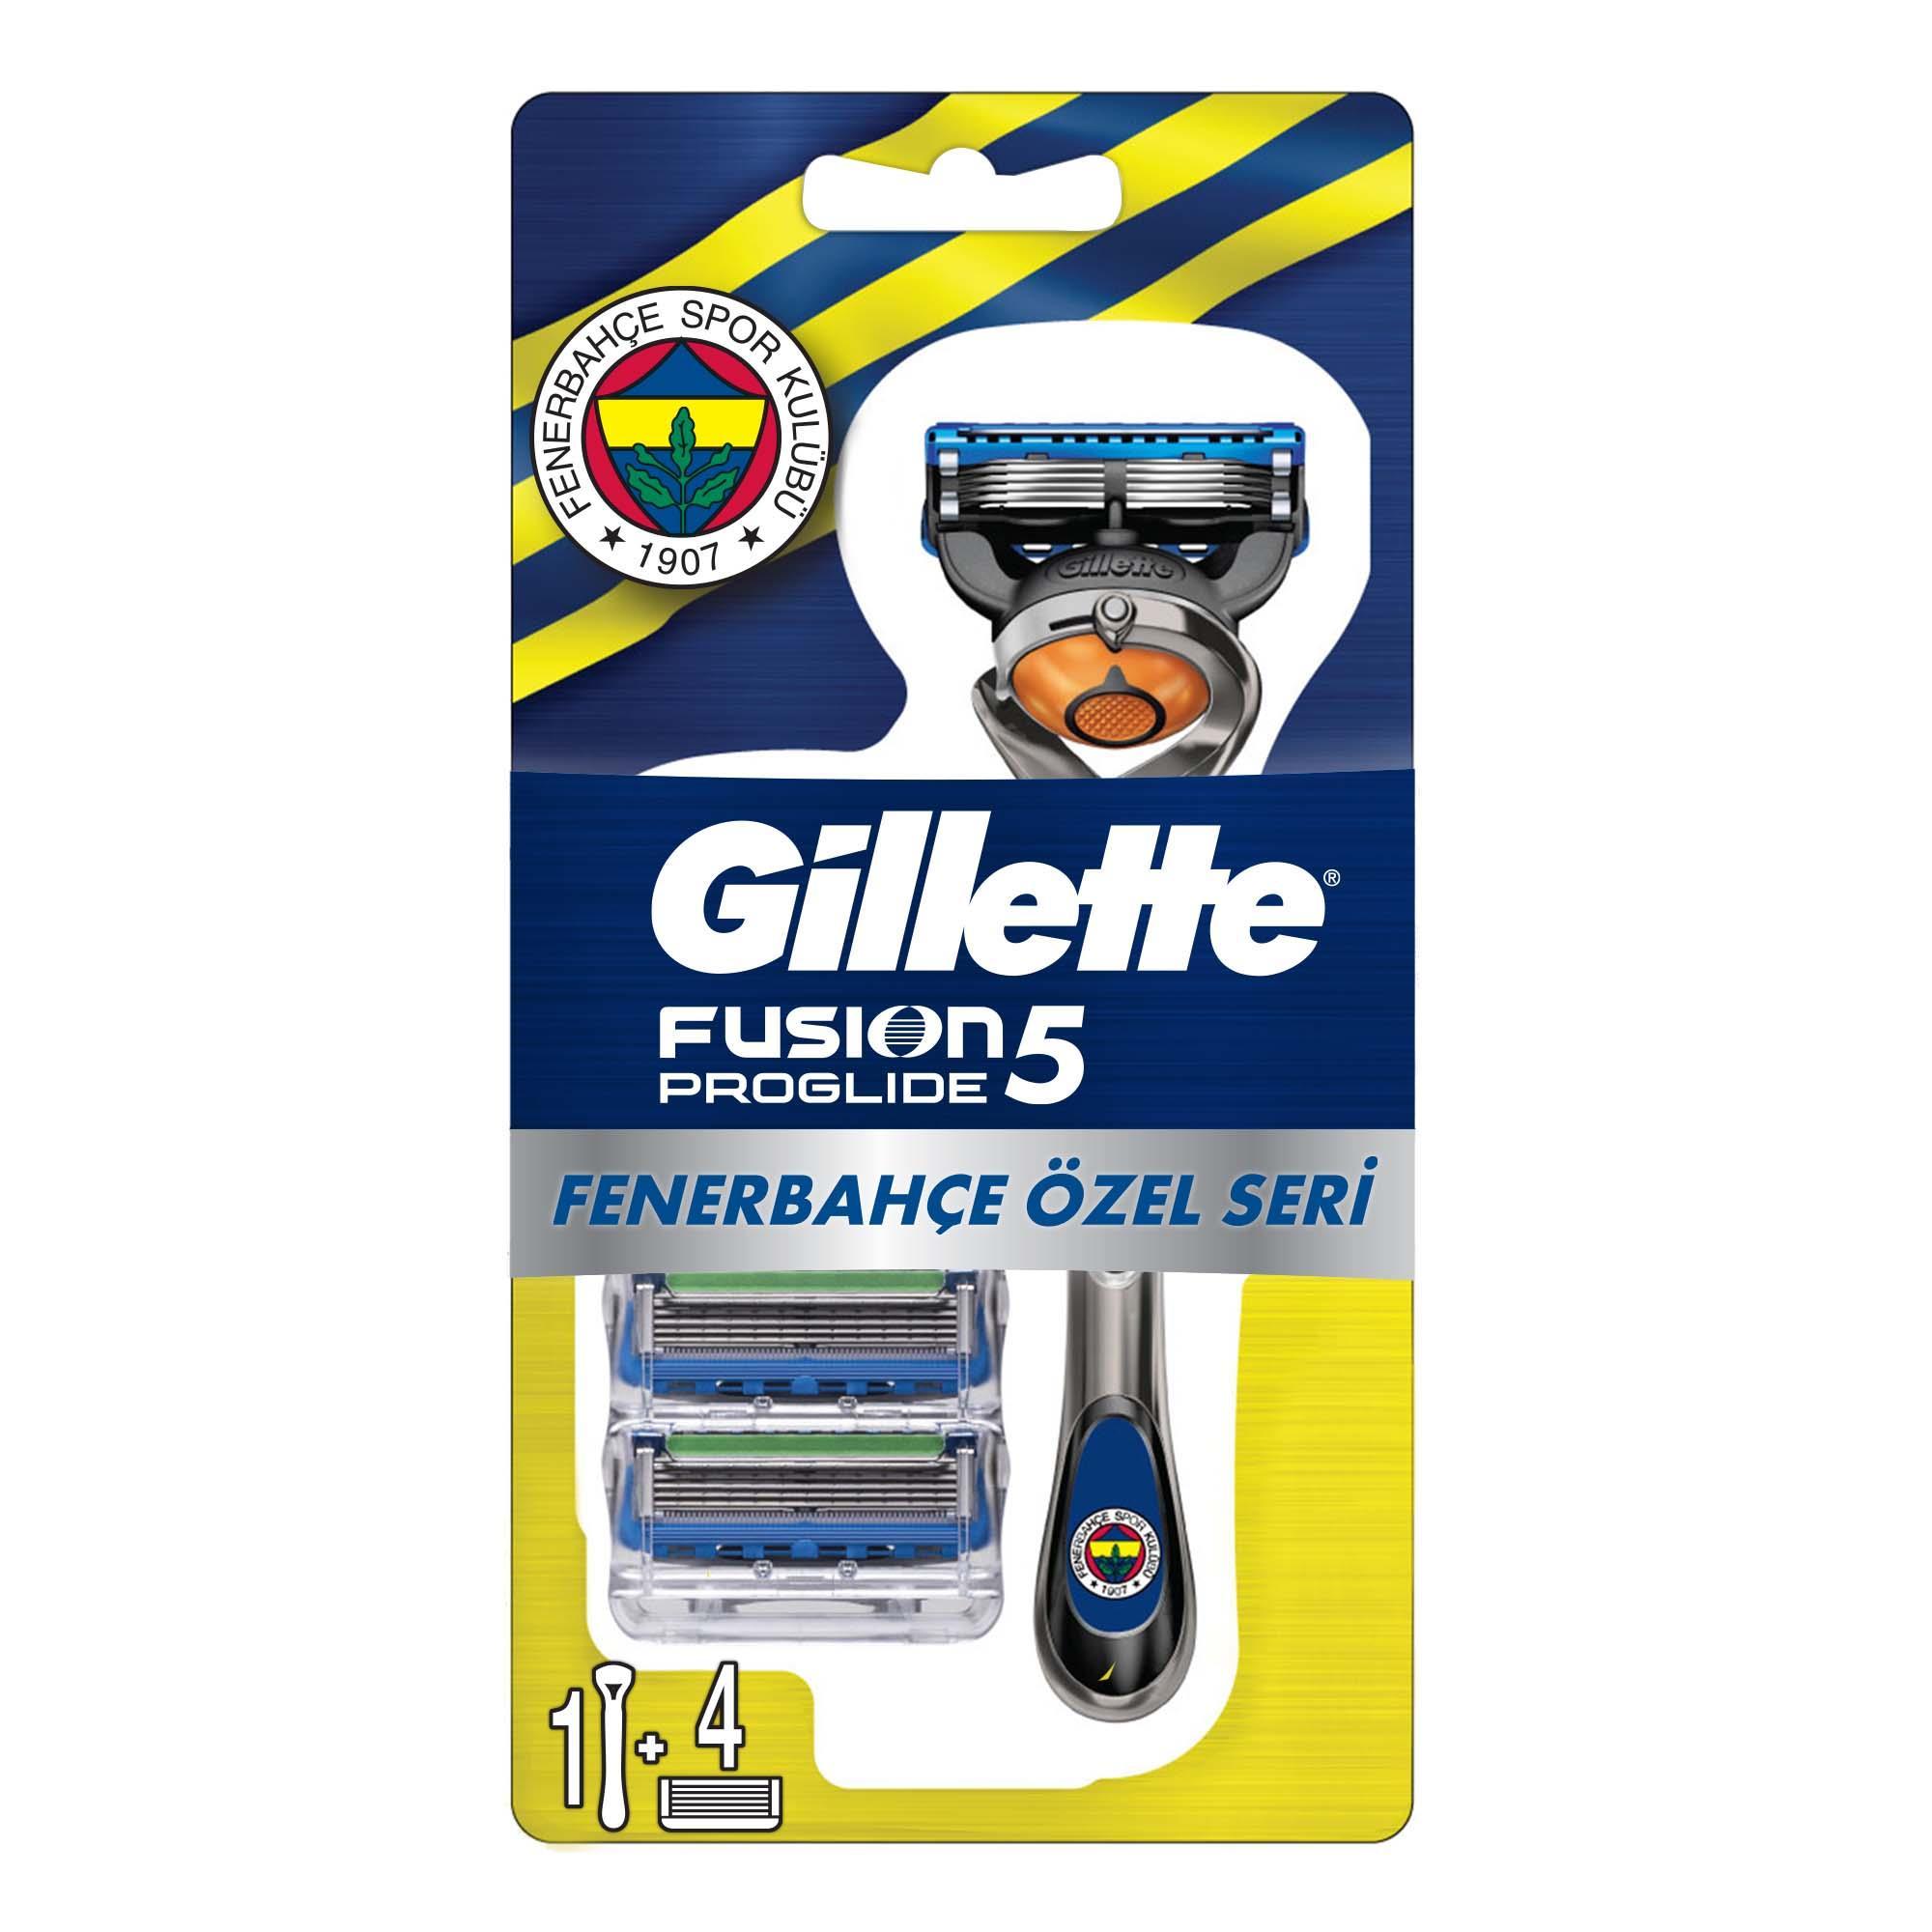 GILLETTE - Fusion Proglide Tıraş Makinesi + 4'lü Yedek Başlık Fenerbahçe Özel Seri